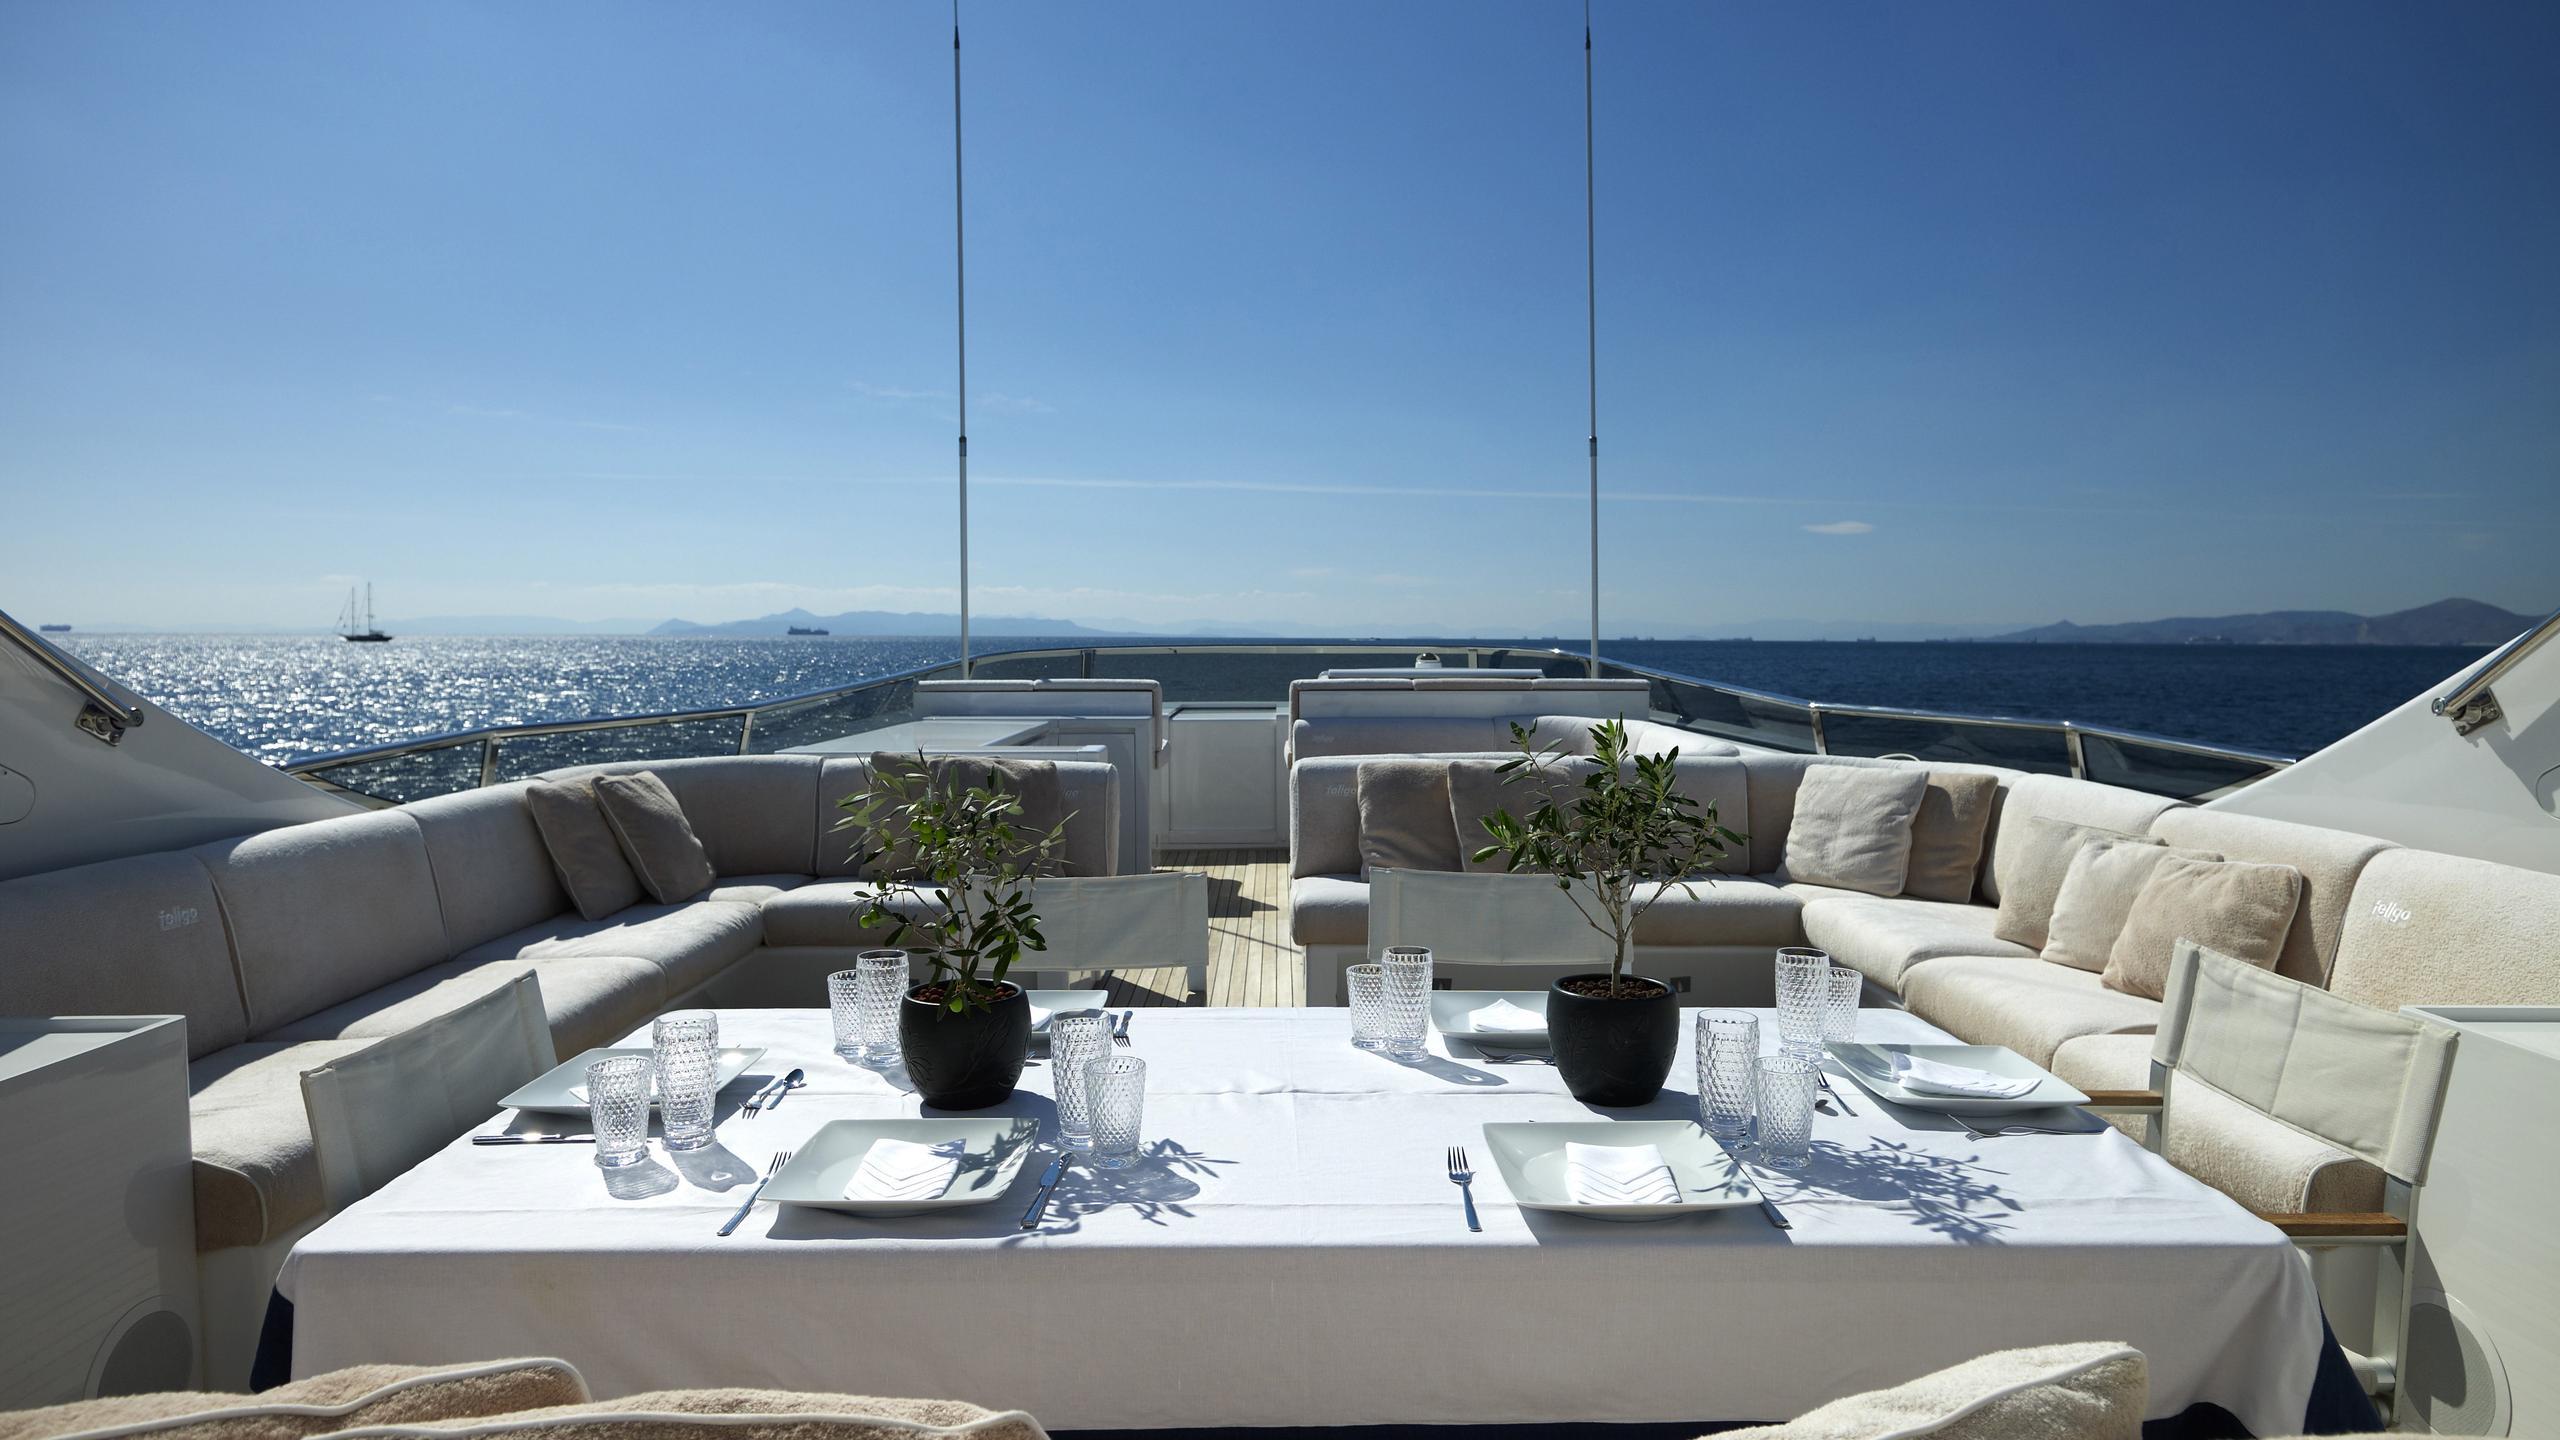 feligo-v-yacht-fly-deck-dining